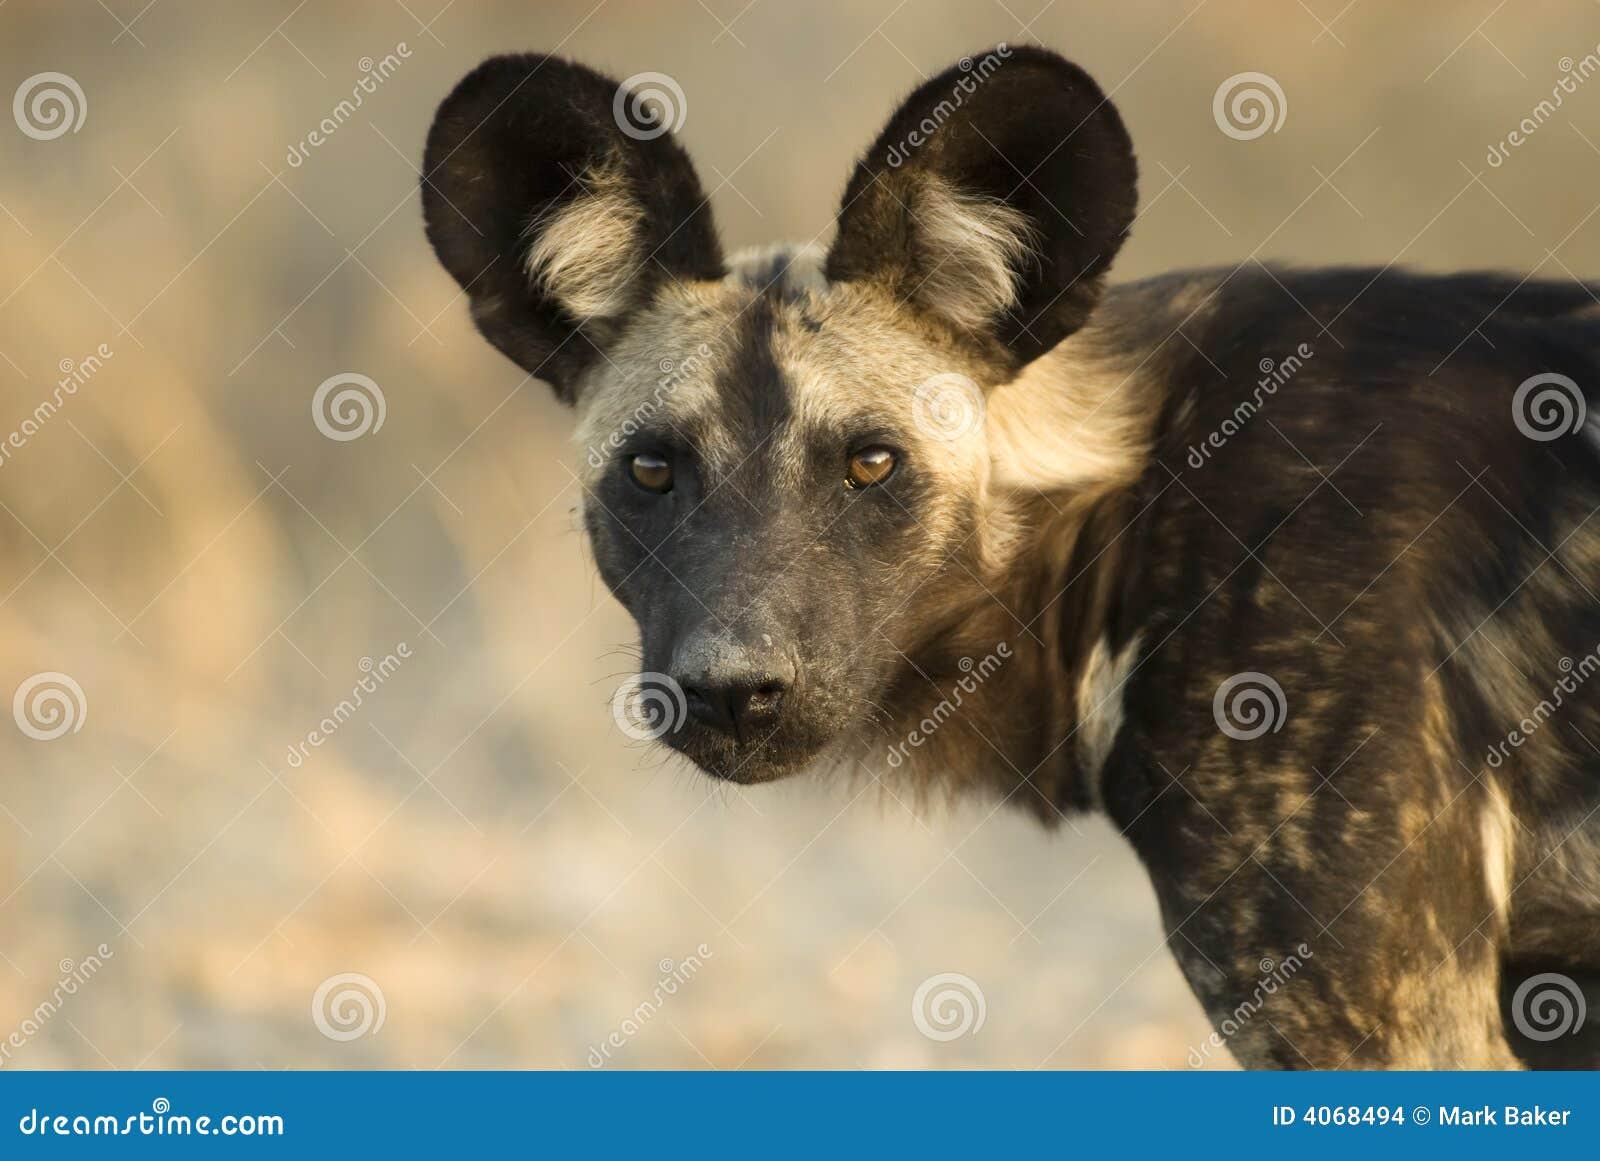 Cane selvaggio